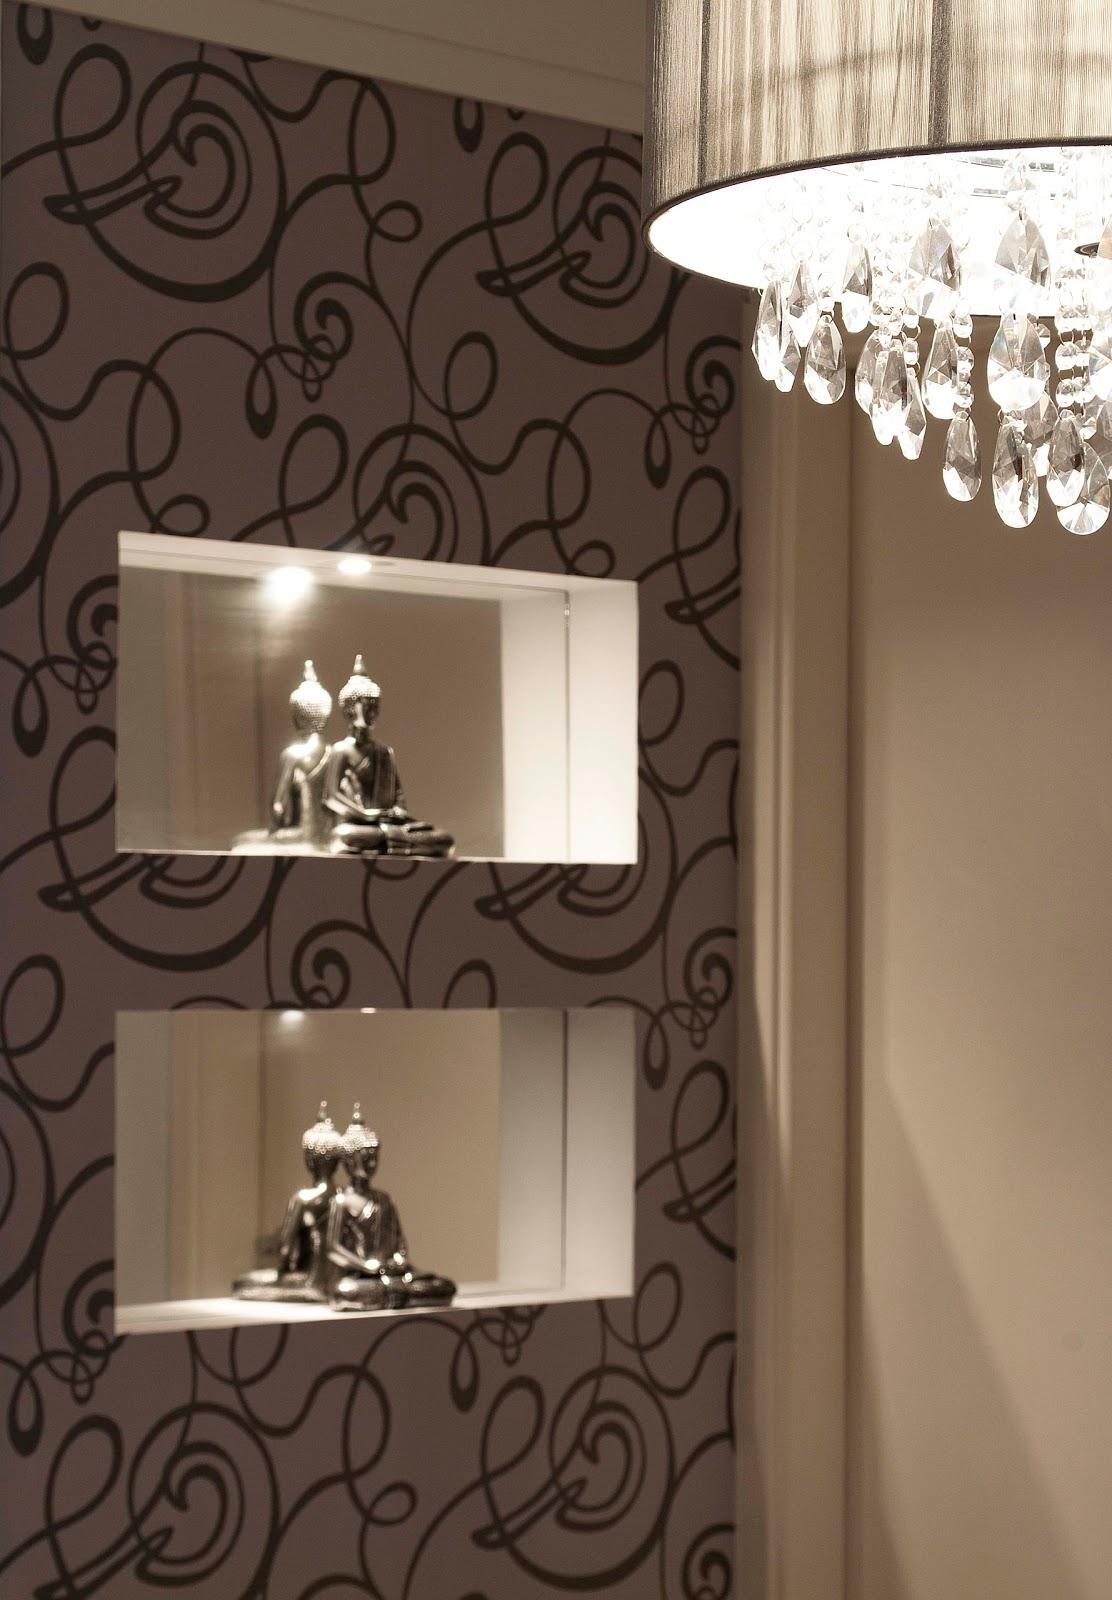 papel de parede deu o espelhos banheiro fotos ideias á sabia banheiro #866D45 1112 1600